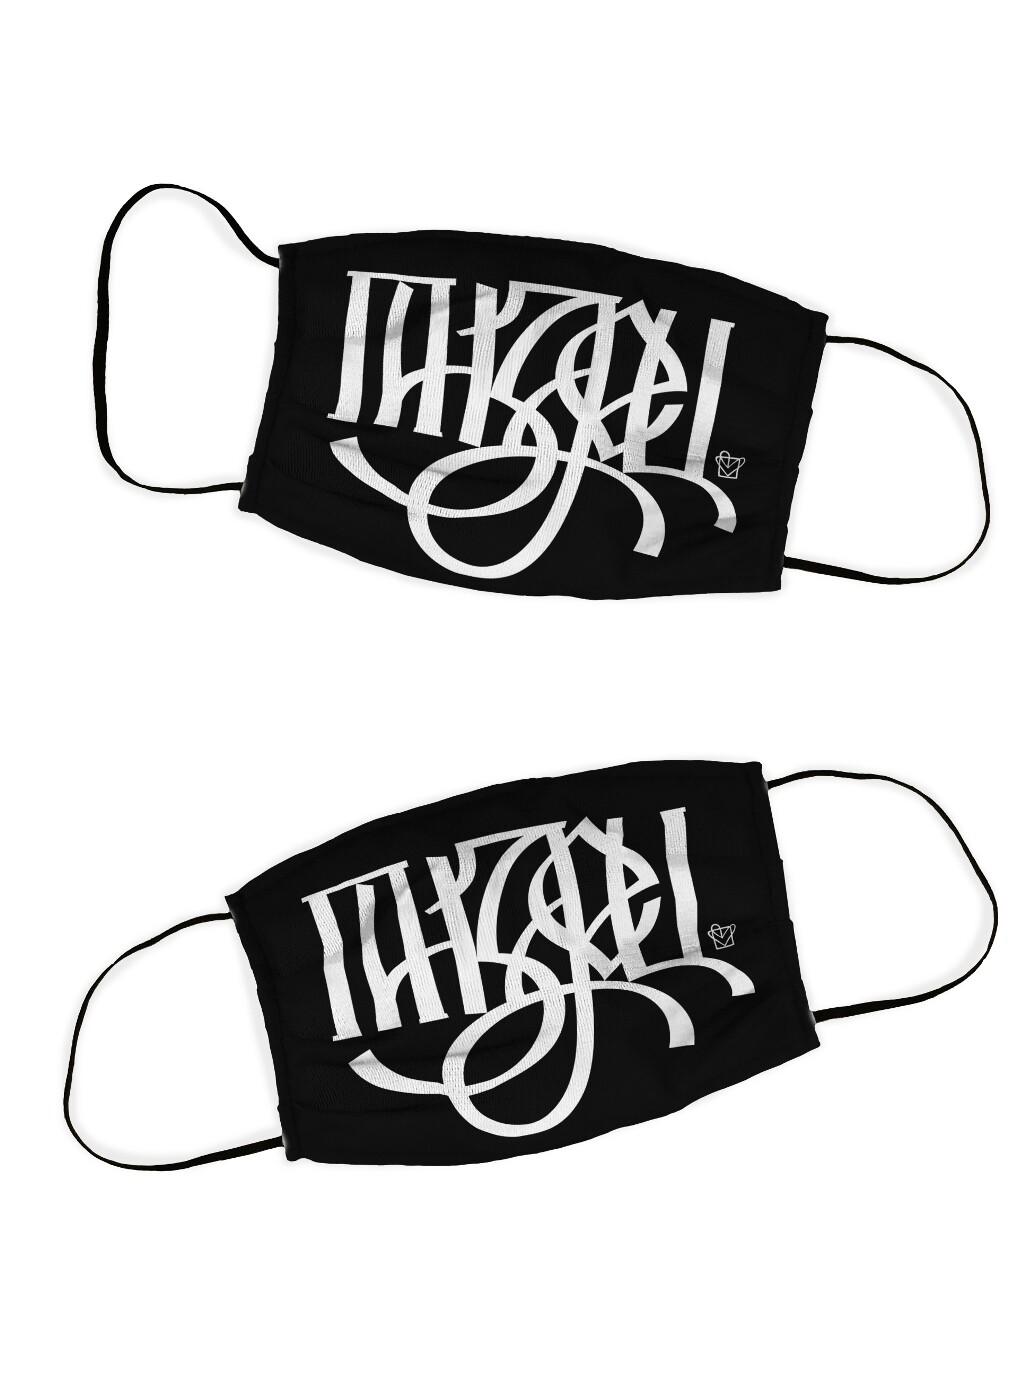 Защитная маска набор 2 шт. Надпись